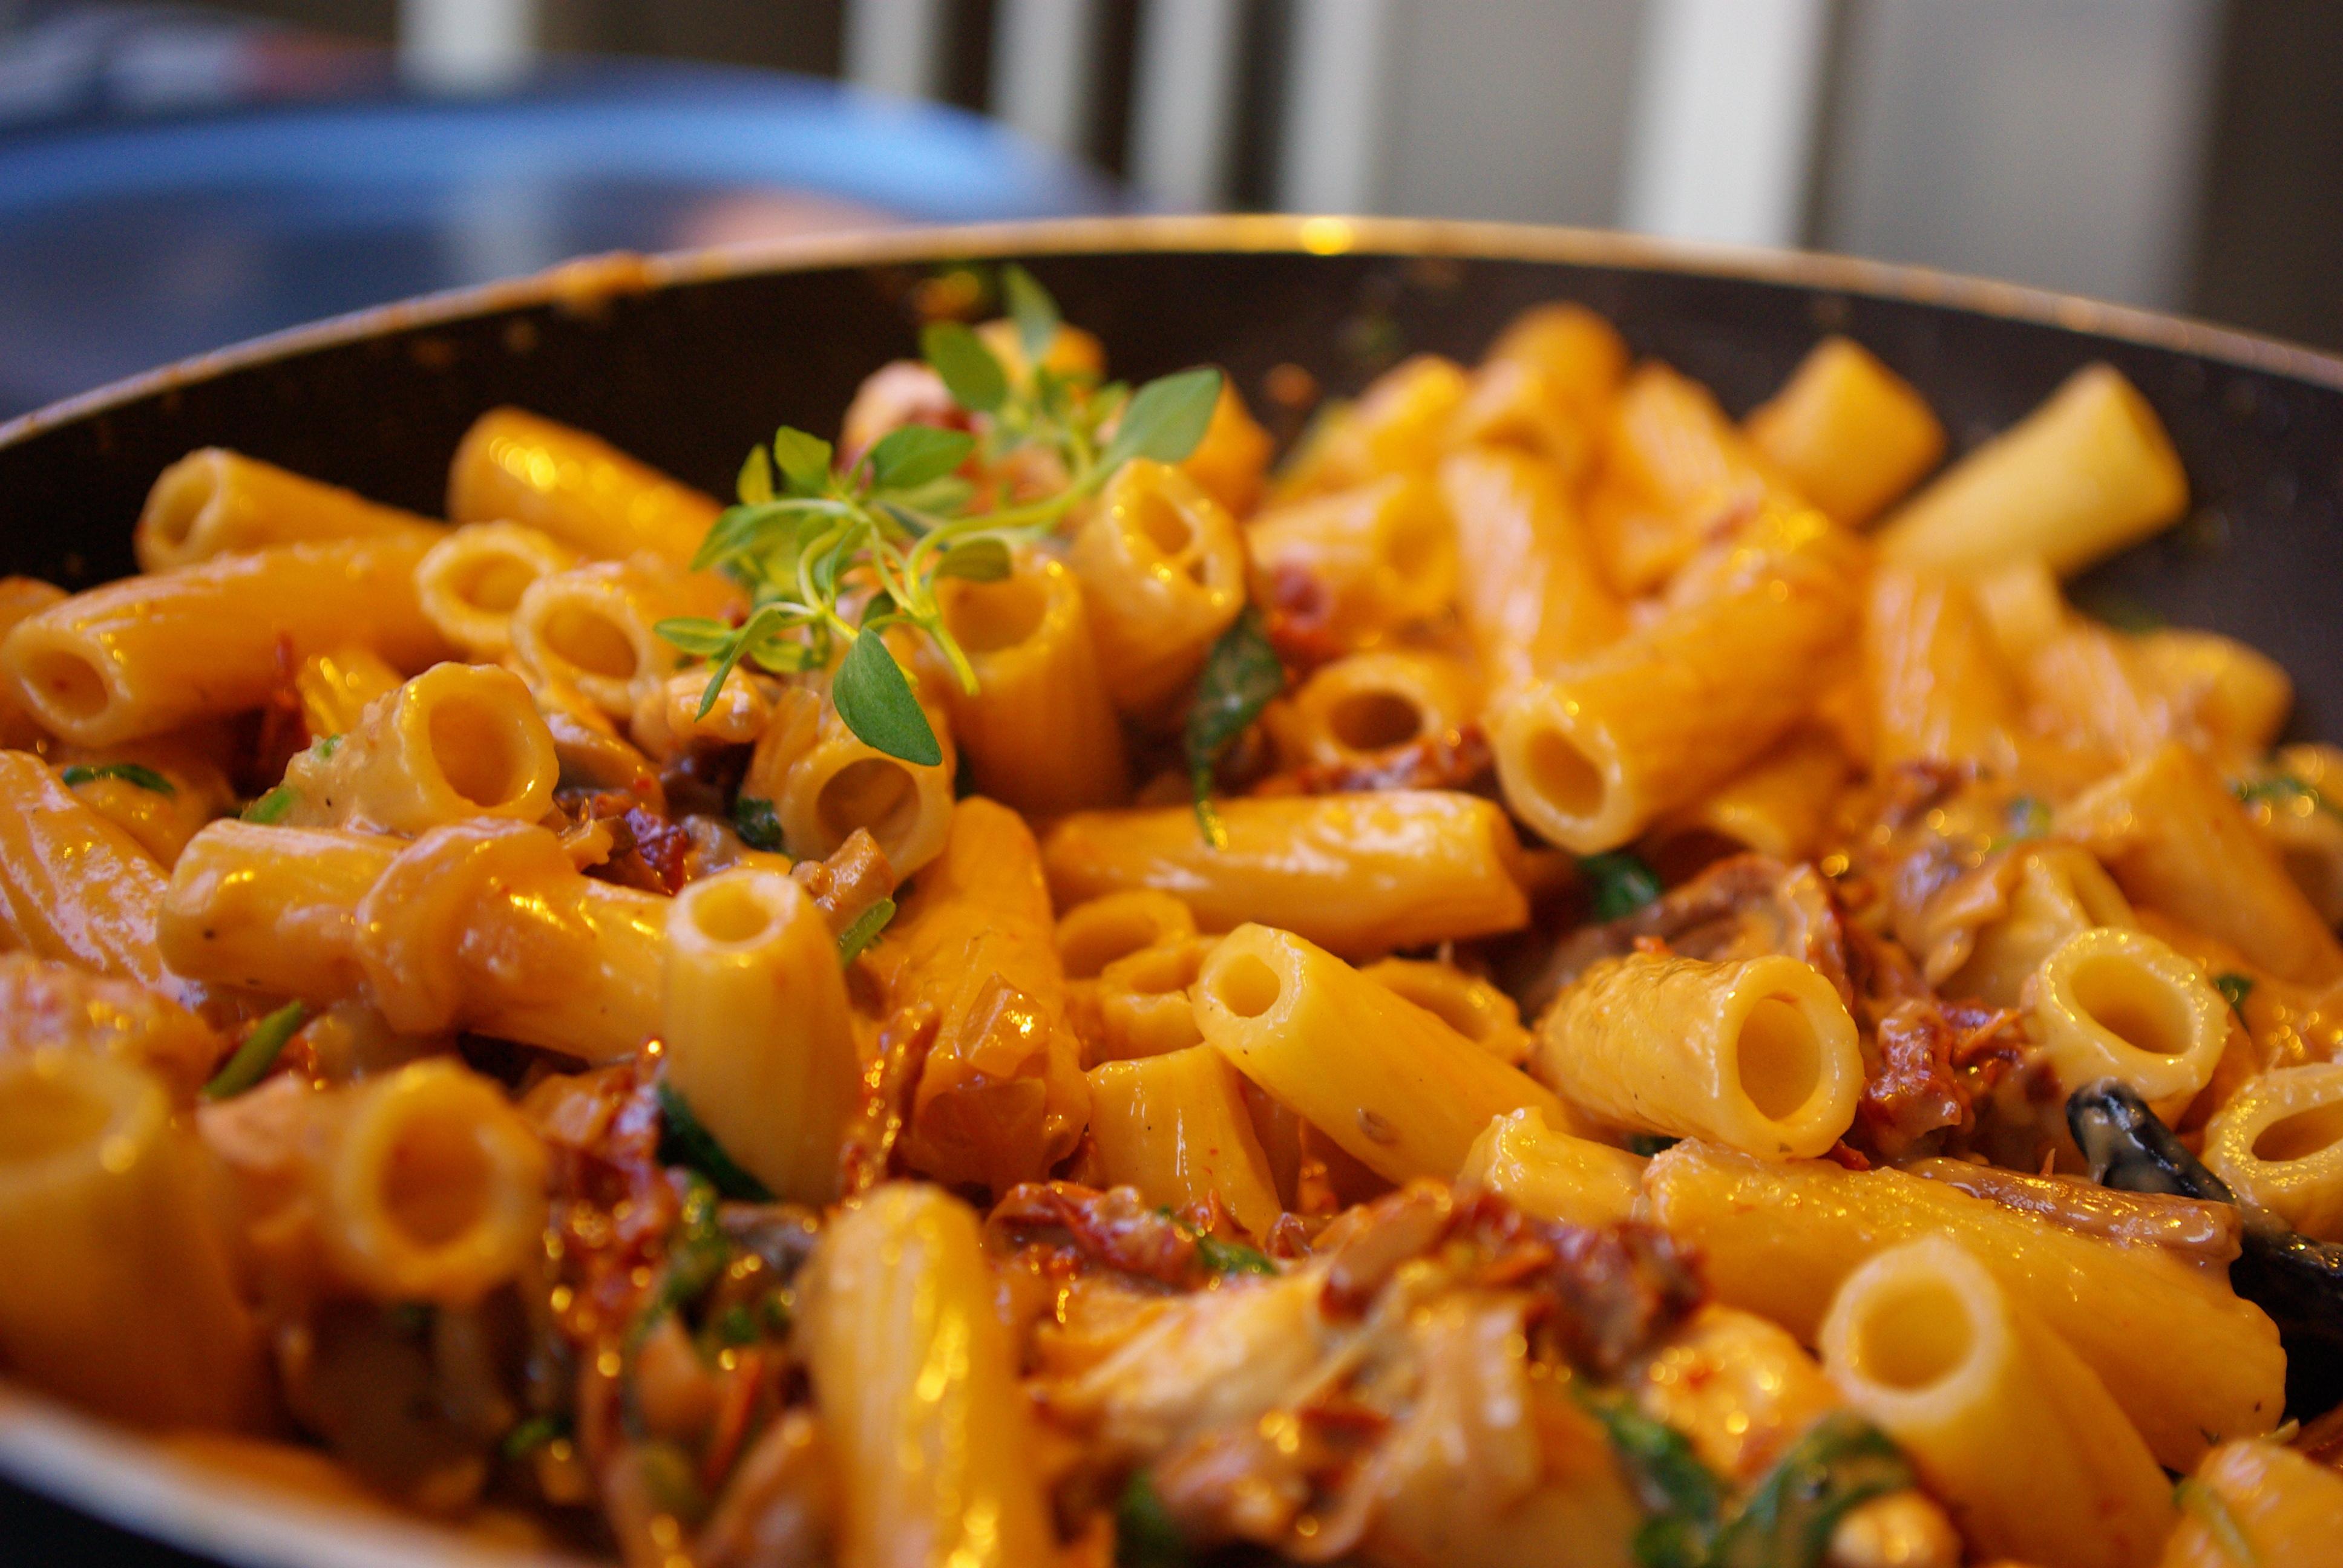 kyckling spenat parmesan vitlök grädde